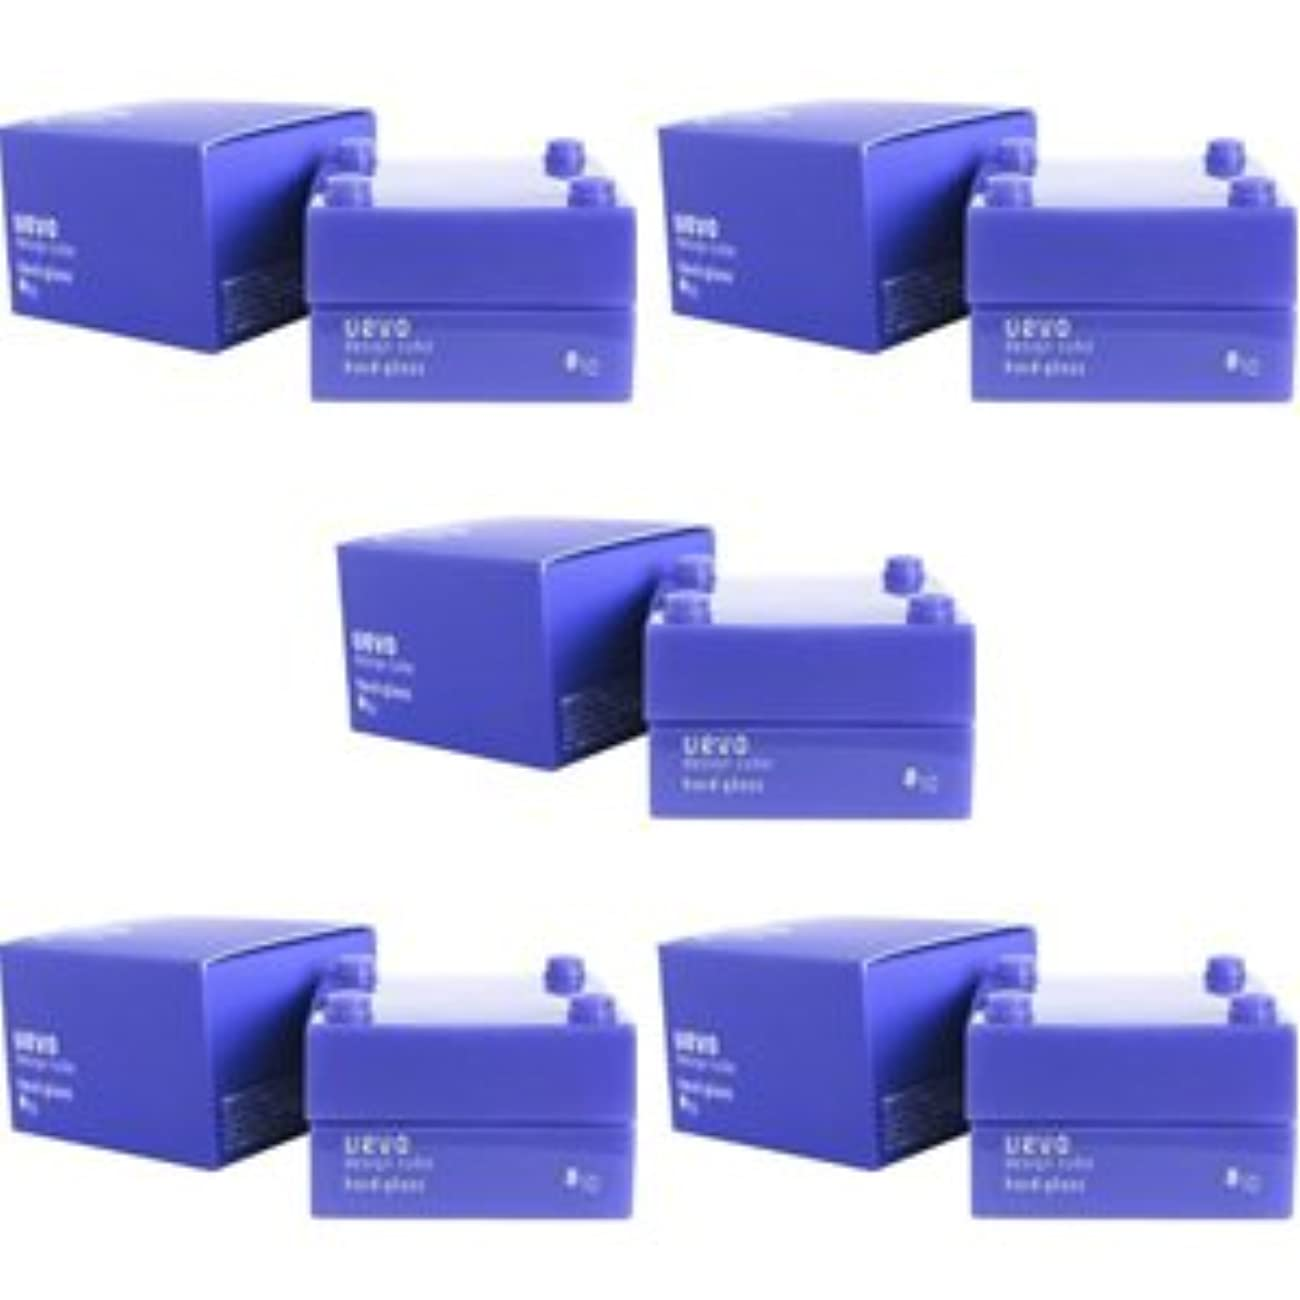 砂のアレルギーアスリート【X5個セット】 デミ ウェーボ デザインキューブ ハードグロス 30g hard gloss DEMI uevo design cube